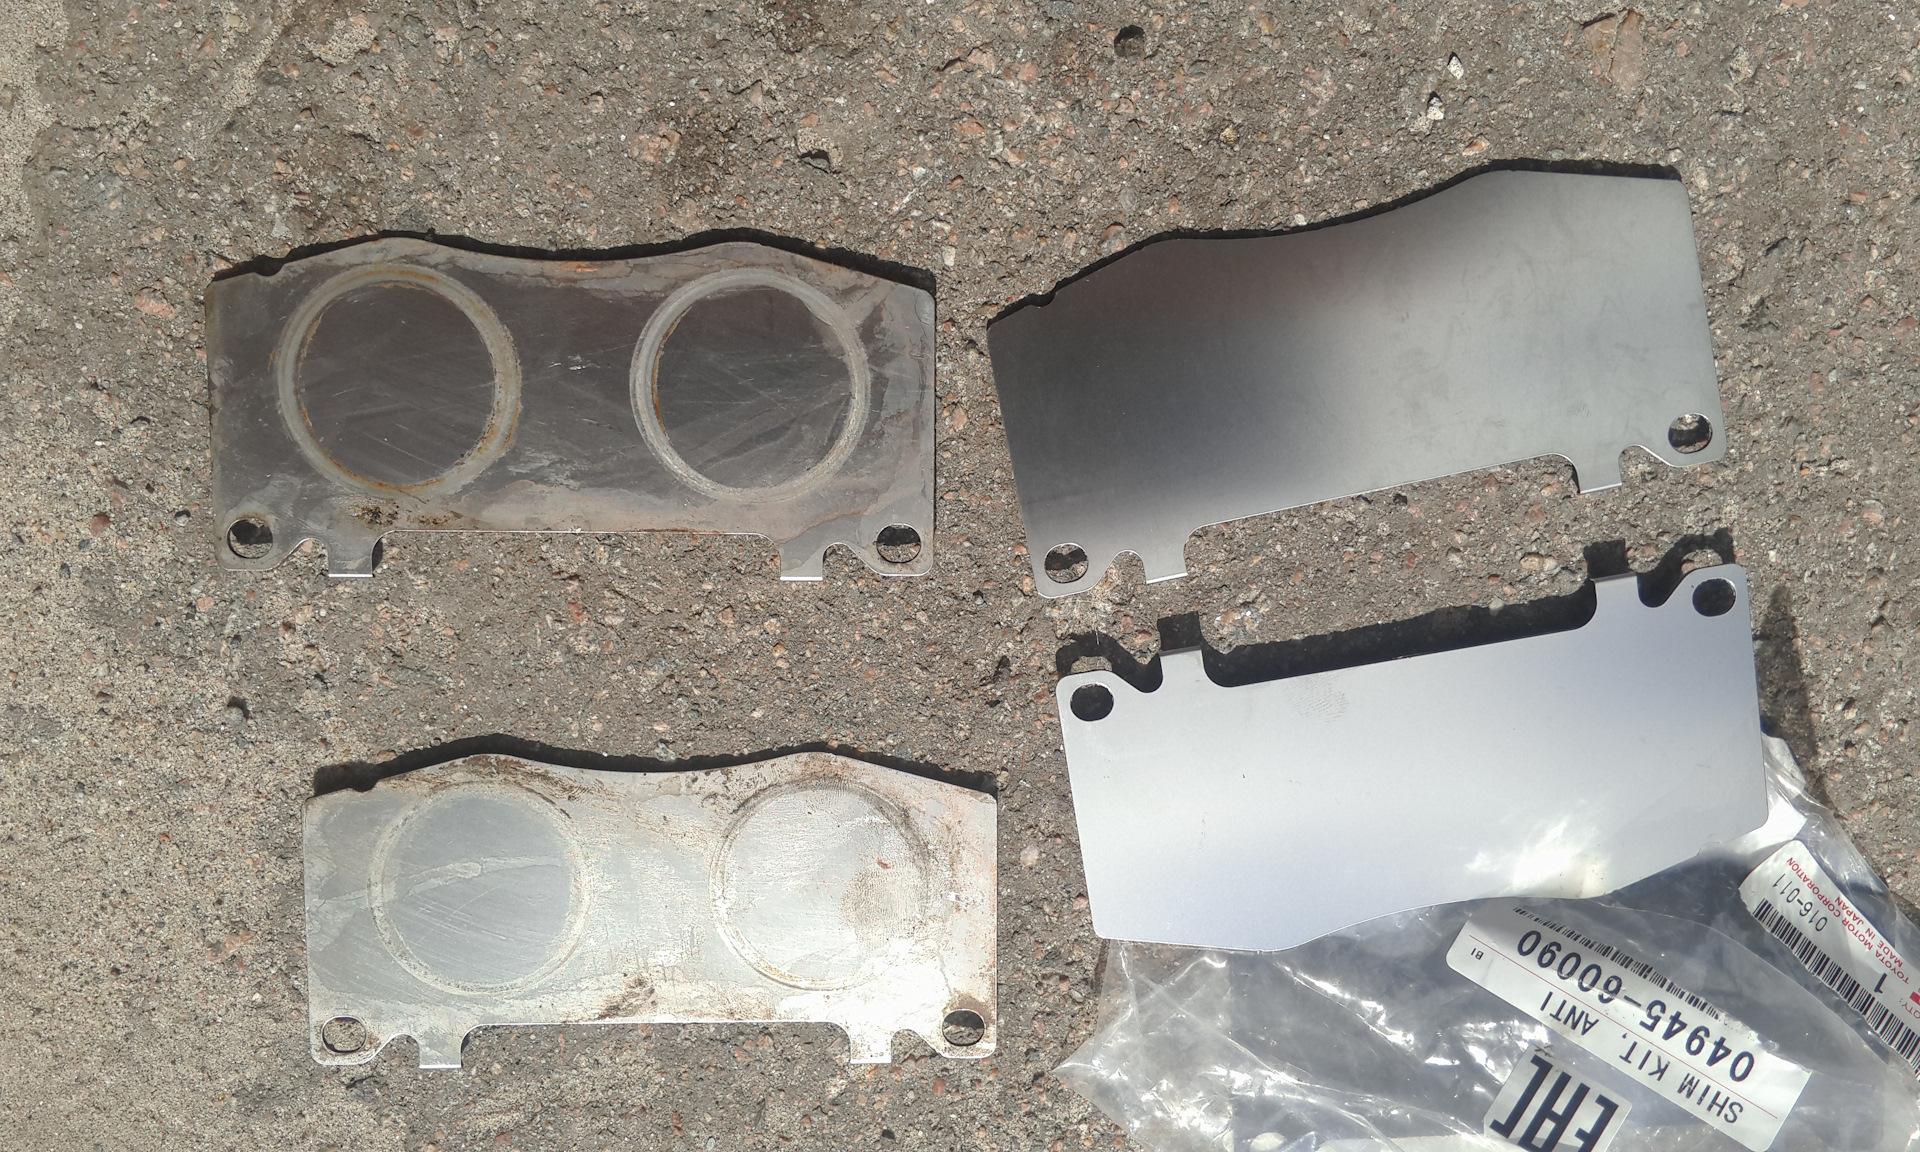 Замена переднего тормозного цилиндра тойота прадо 150 Дефектовка снятой коробки фольксваген пассат б6